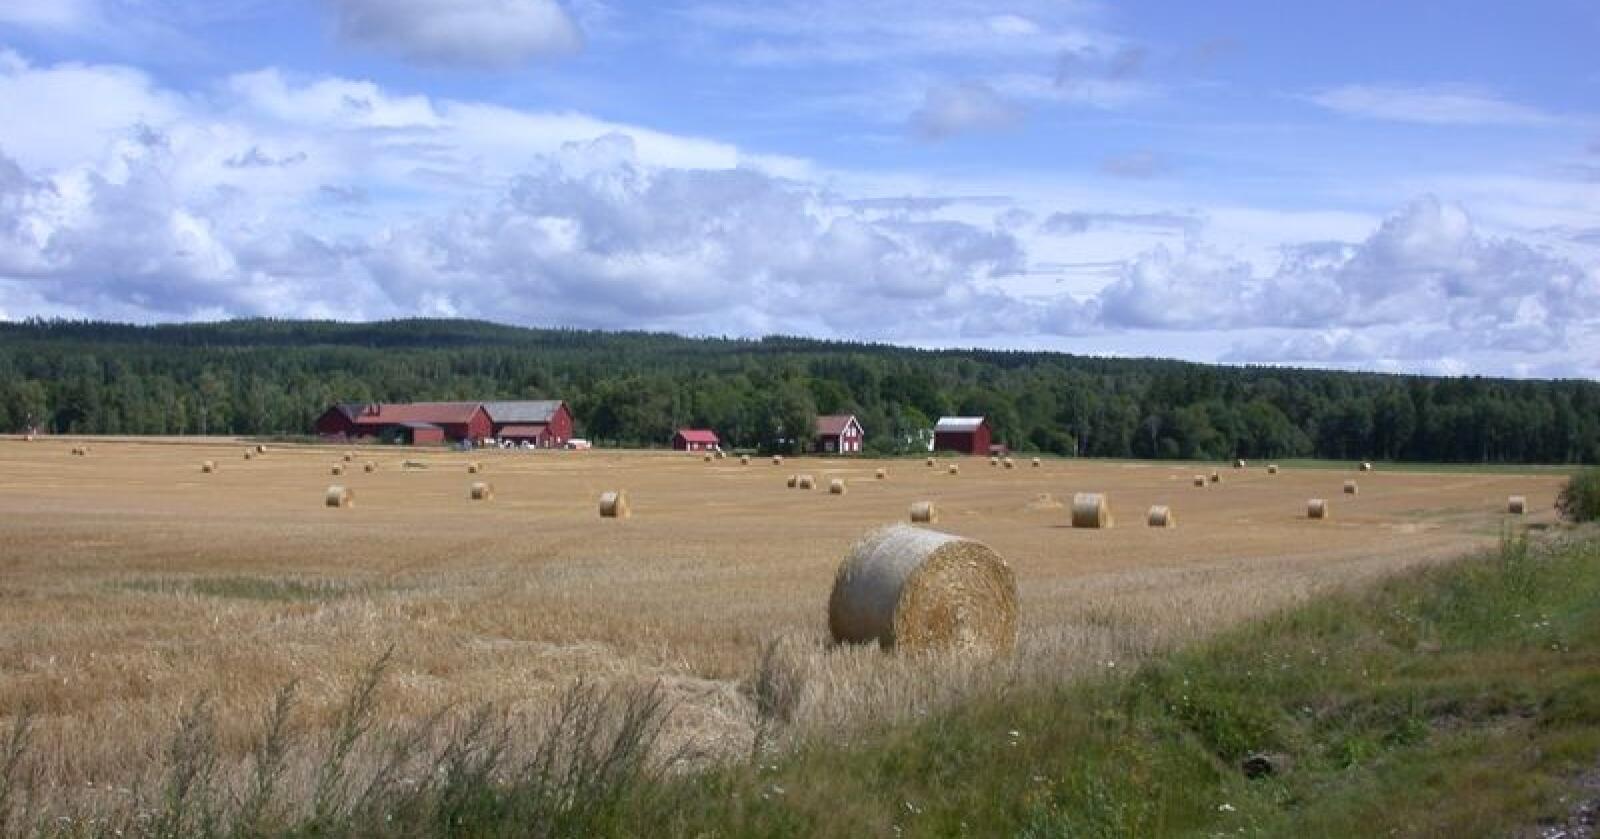 Årets innhøsting i Sverige blir den dårligste siden slutten av 1950-tallet, påpeker Lantmännen i en ny, oppdatert prognose. Her sees kornproduksjon i Värmland. Foto: Øystein Retvedt